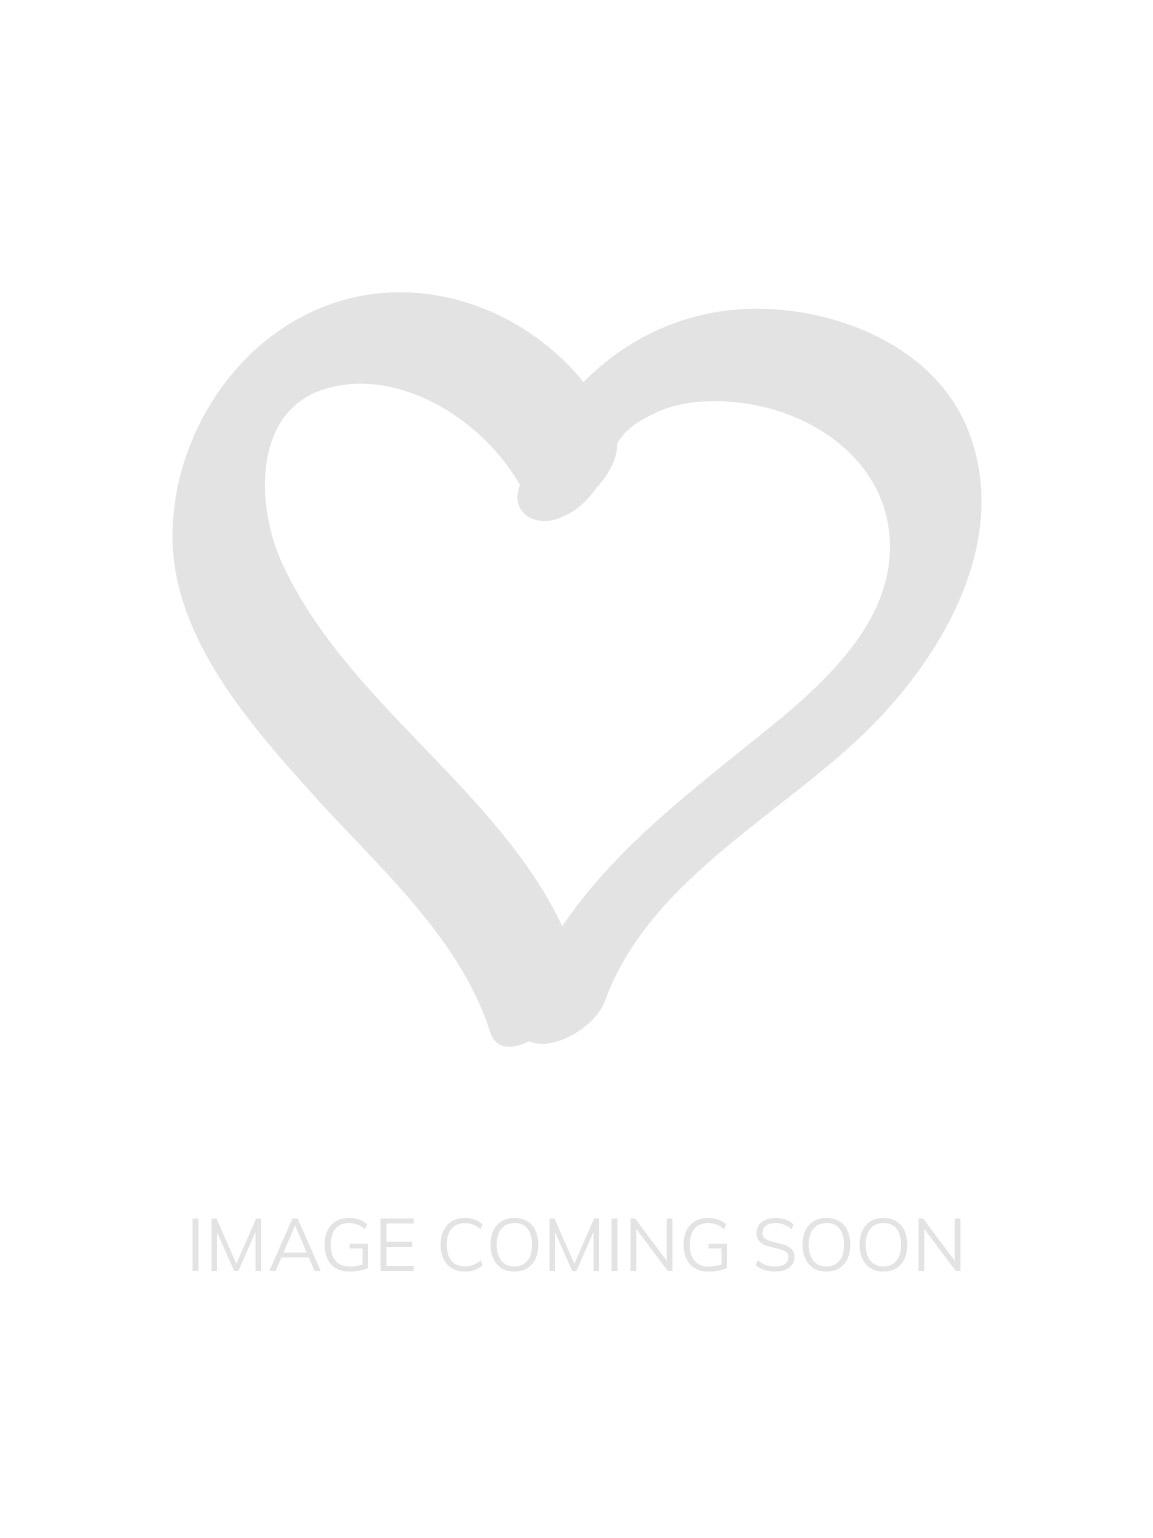 da1bf3039c0 Boom Splice Jammer Swimming Trunks - Black   Grey